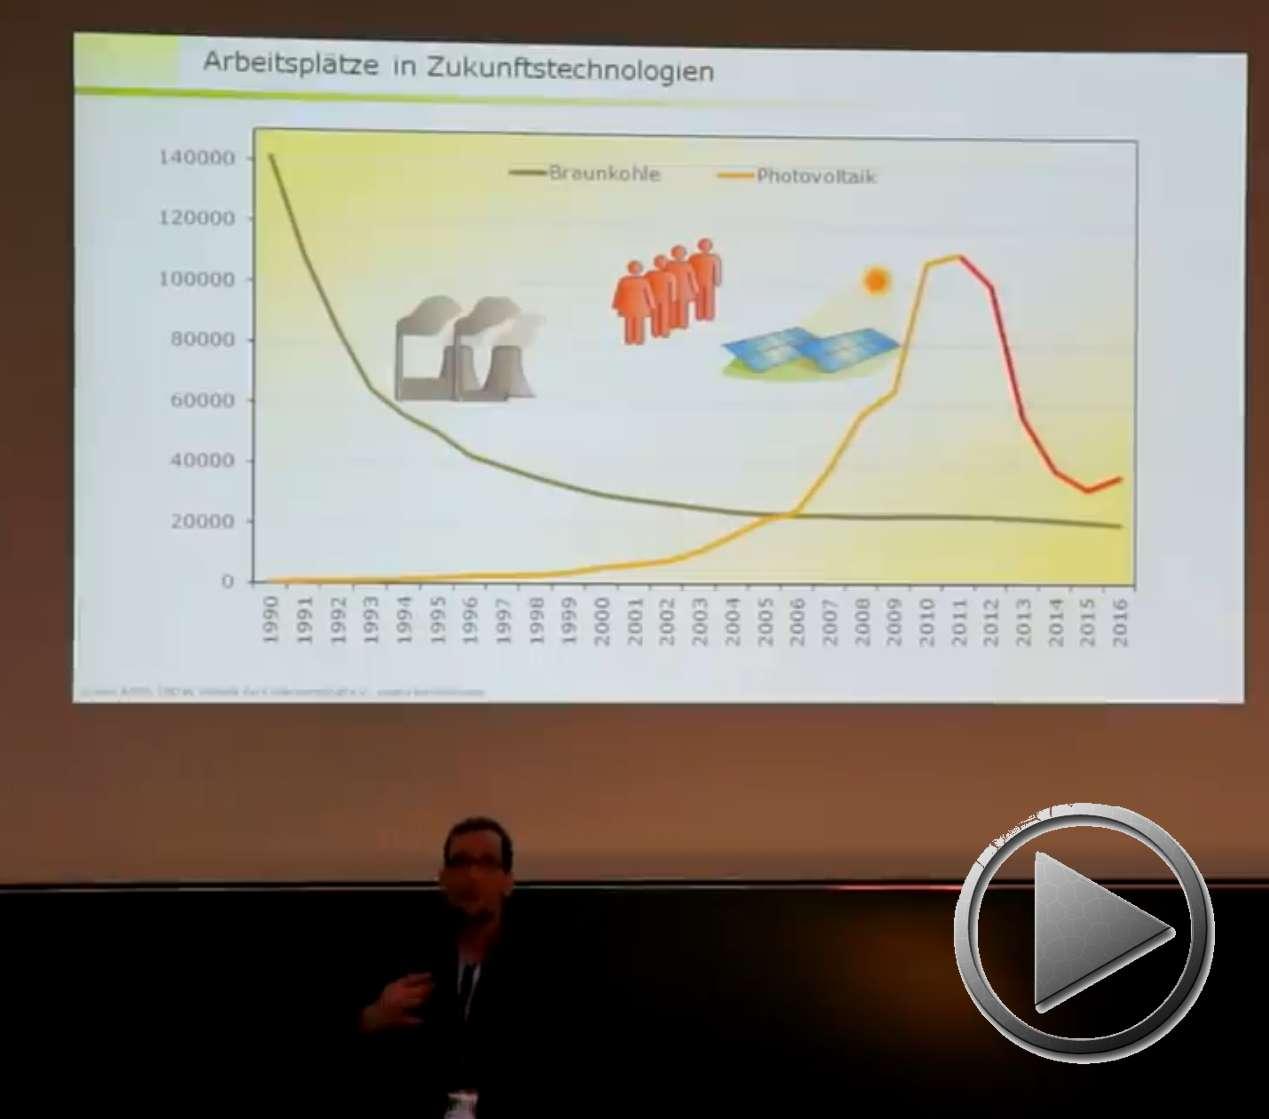 Präsentation: Klimaschutz in Deutschland – kaum besser als Trump. Prof. Dr. Volker Quaschning (HTW Berlin)